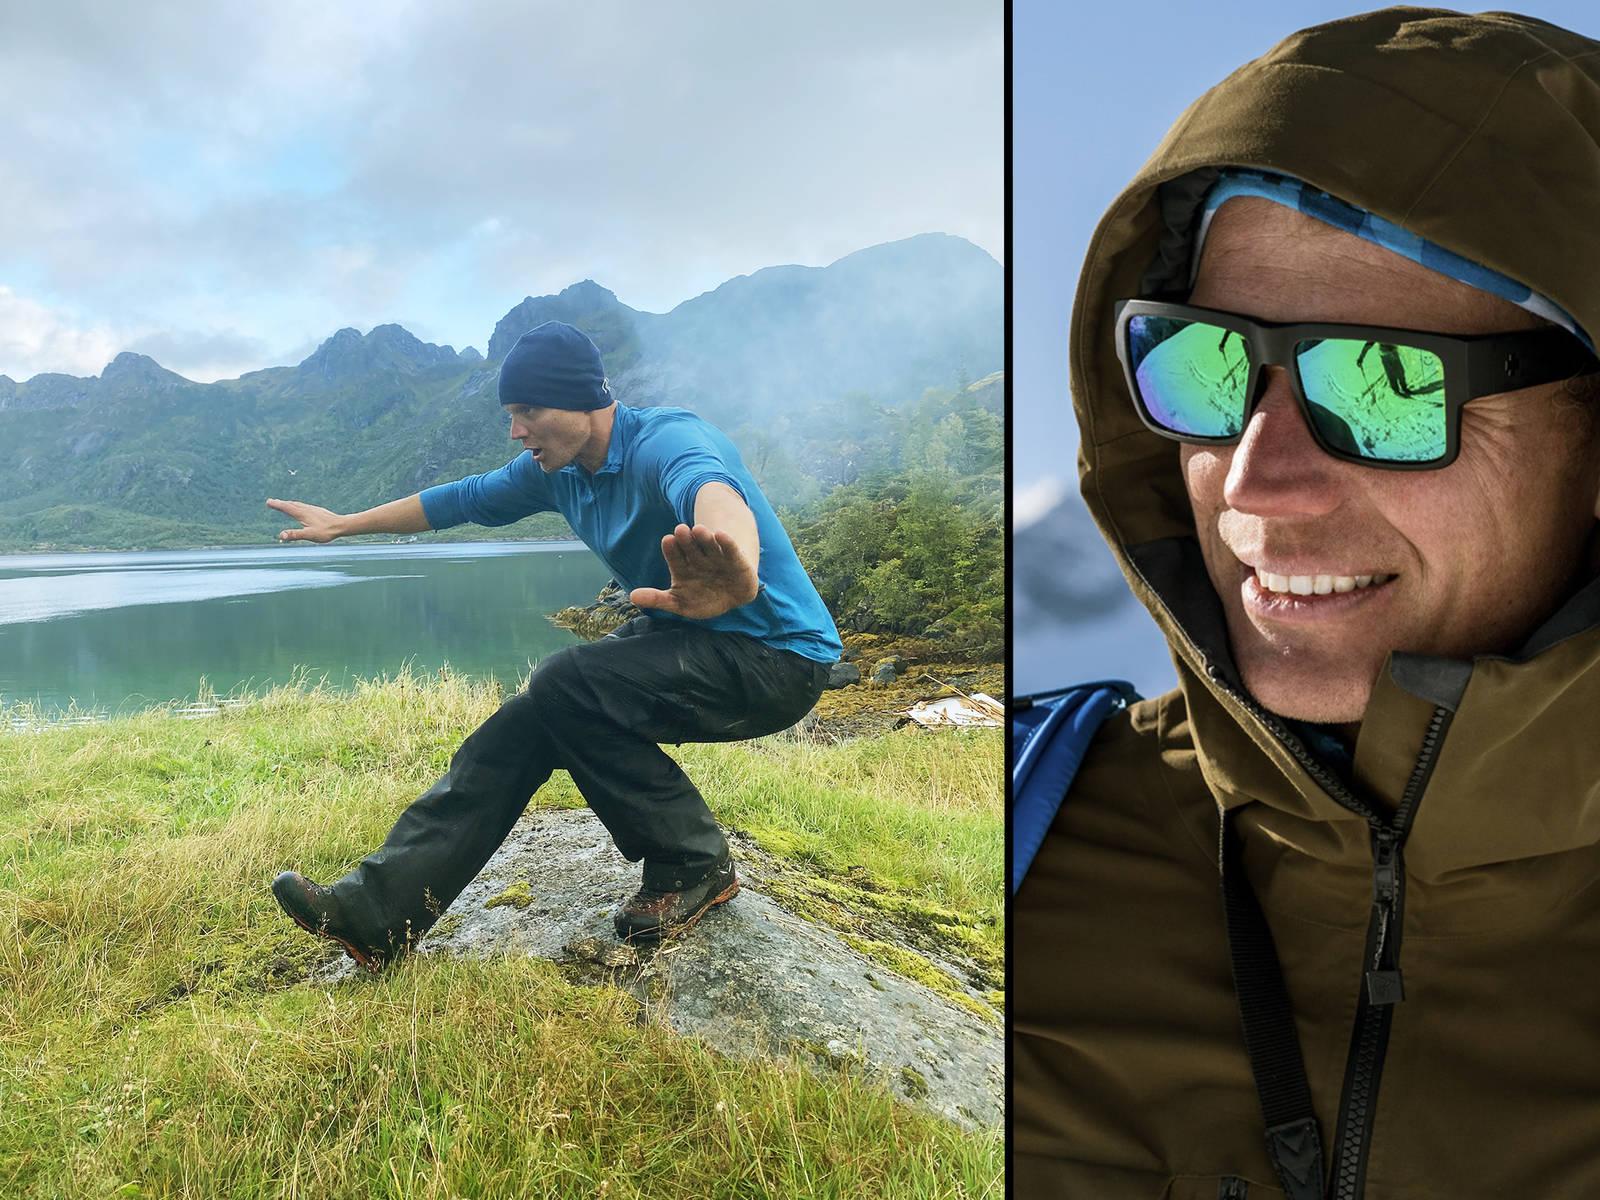 Det blir ikke mye tid til treningssentre i Asbjørn Eggebø Næss sitt travle liv. Men noen styrkende øvelser kommer han ikke unna før vinteren smeller i gang. Bilde: Privat / Christian Nerdrum